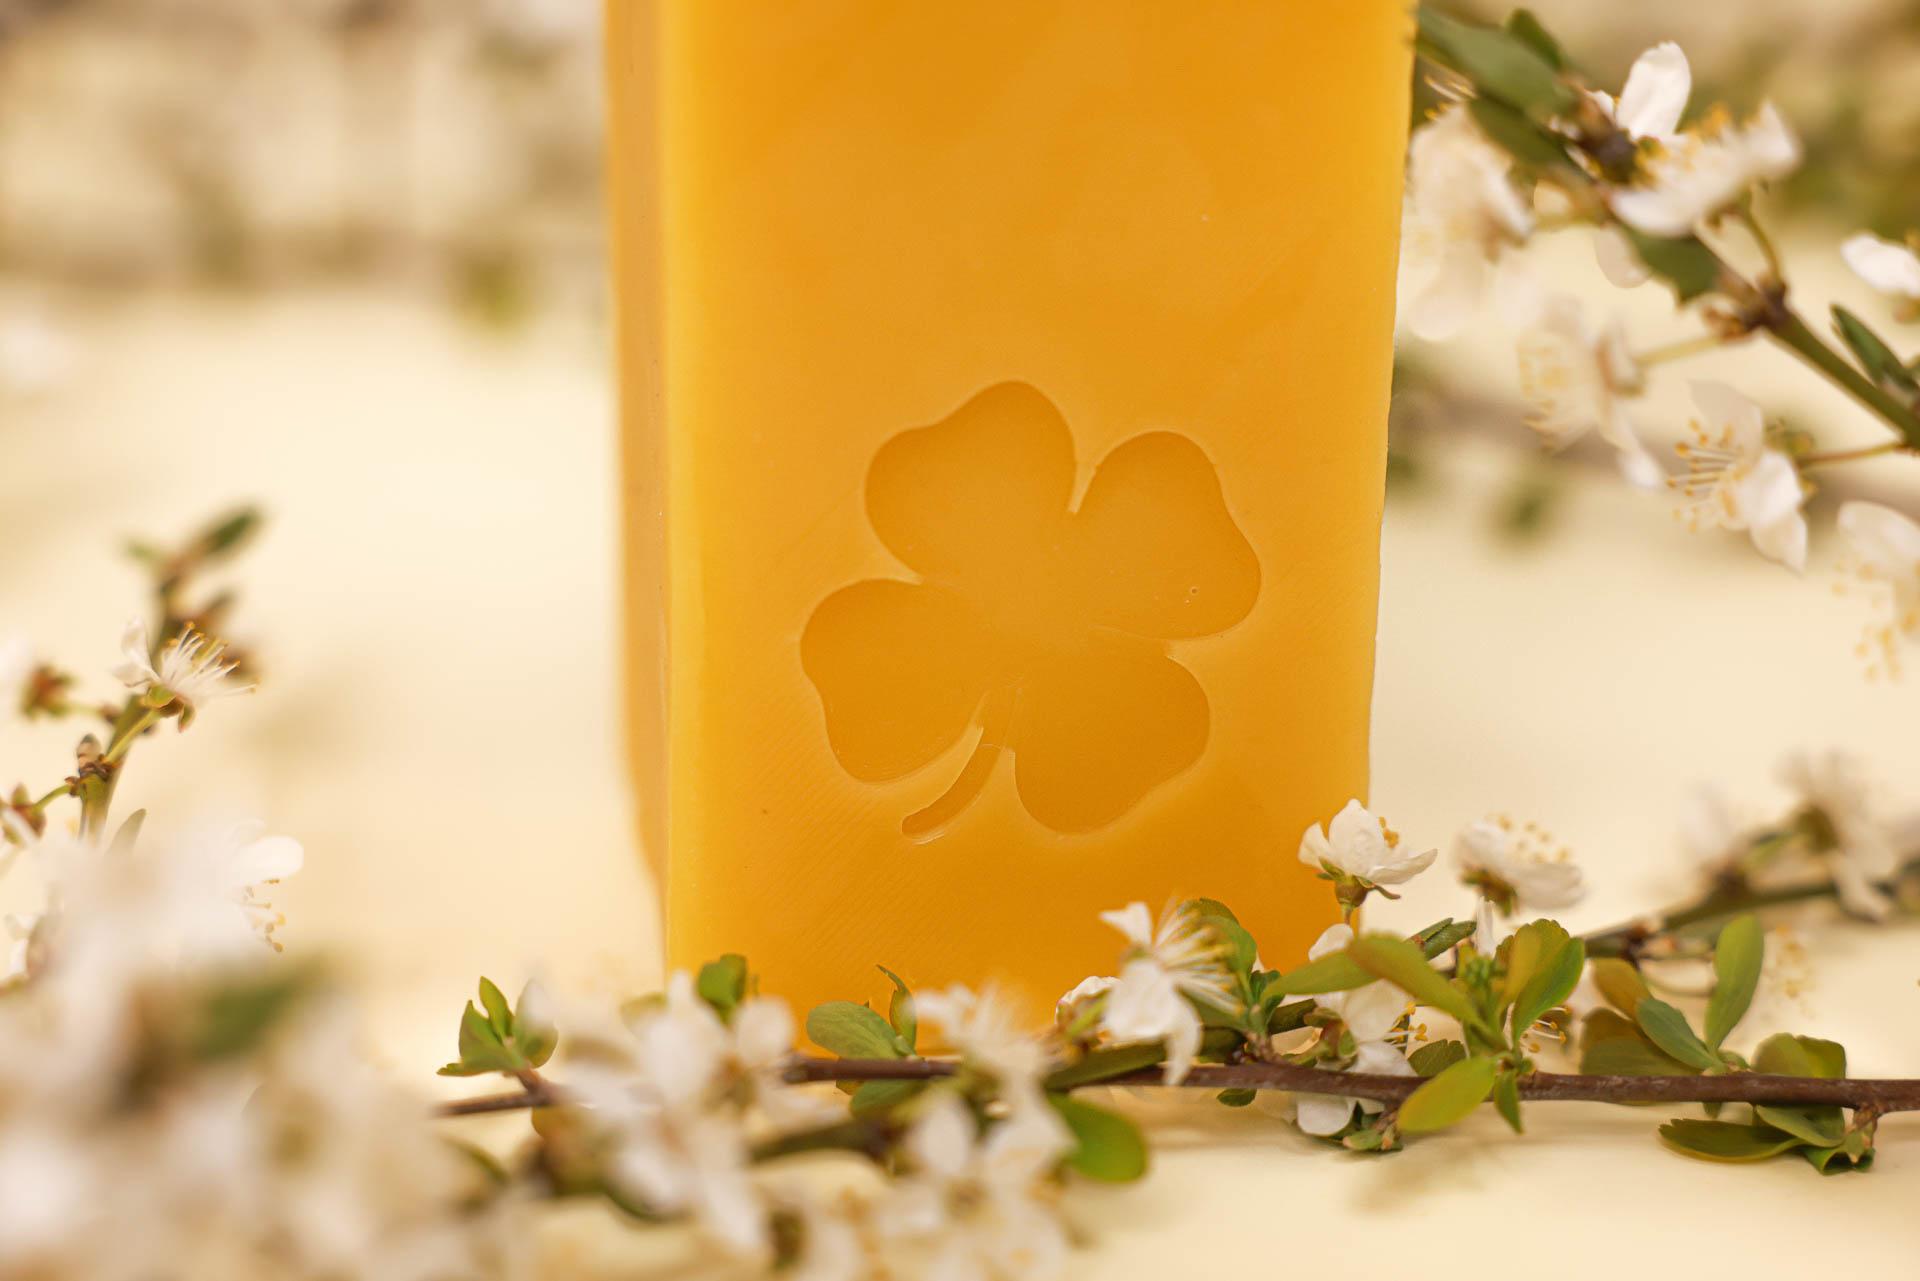 Viel Glück Kerze (ca. 15cm x 5,5cm) aus 100% Bienenwachs vom Imker